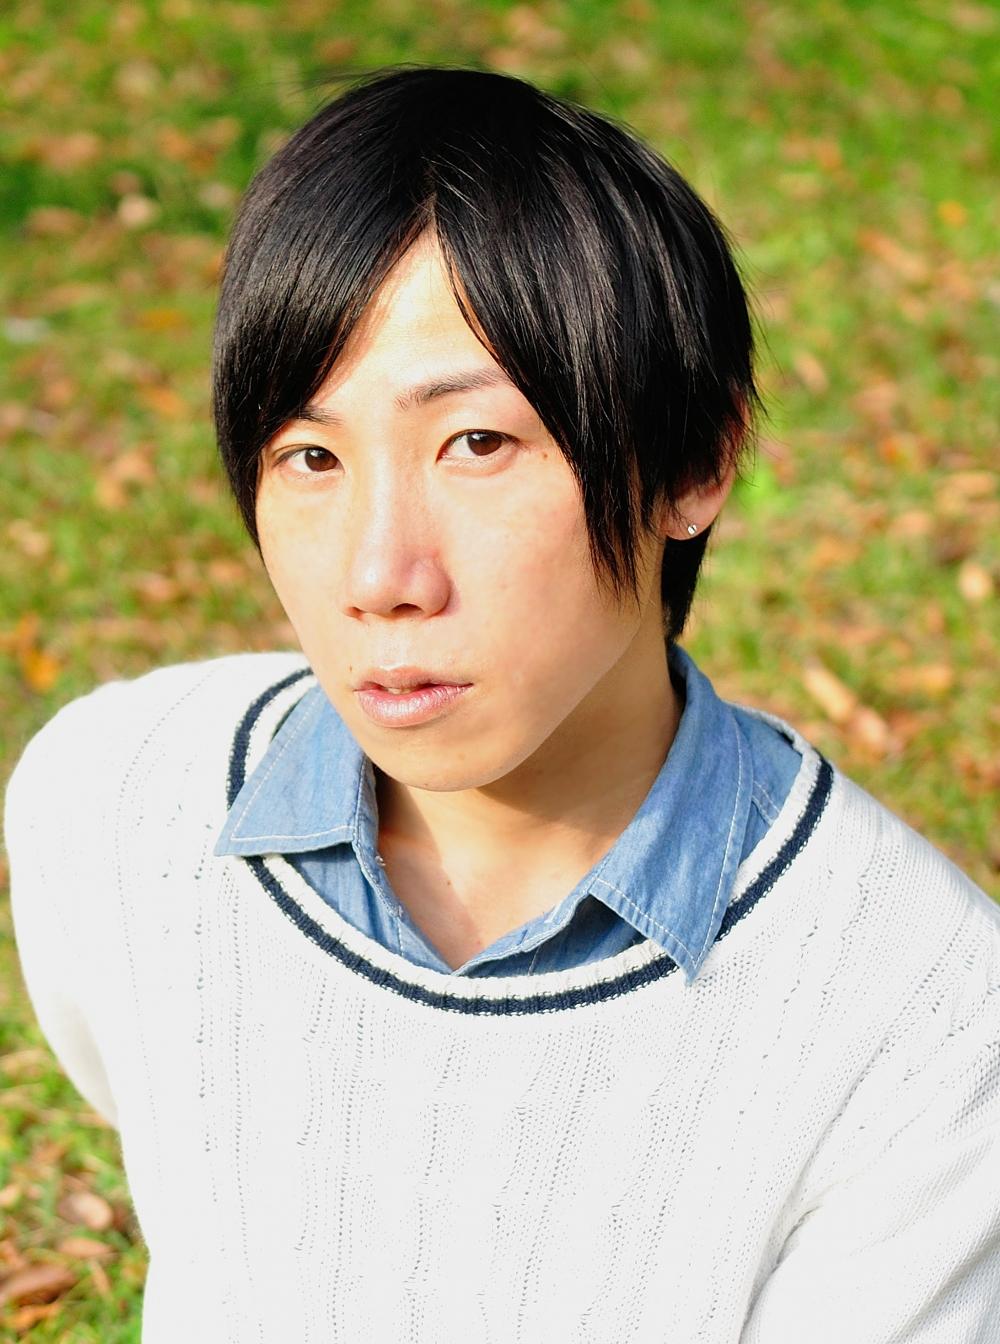 File:TaketoshiKawano.png